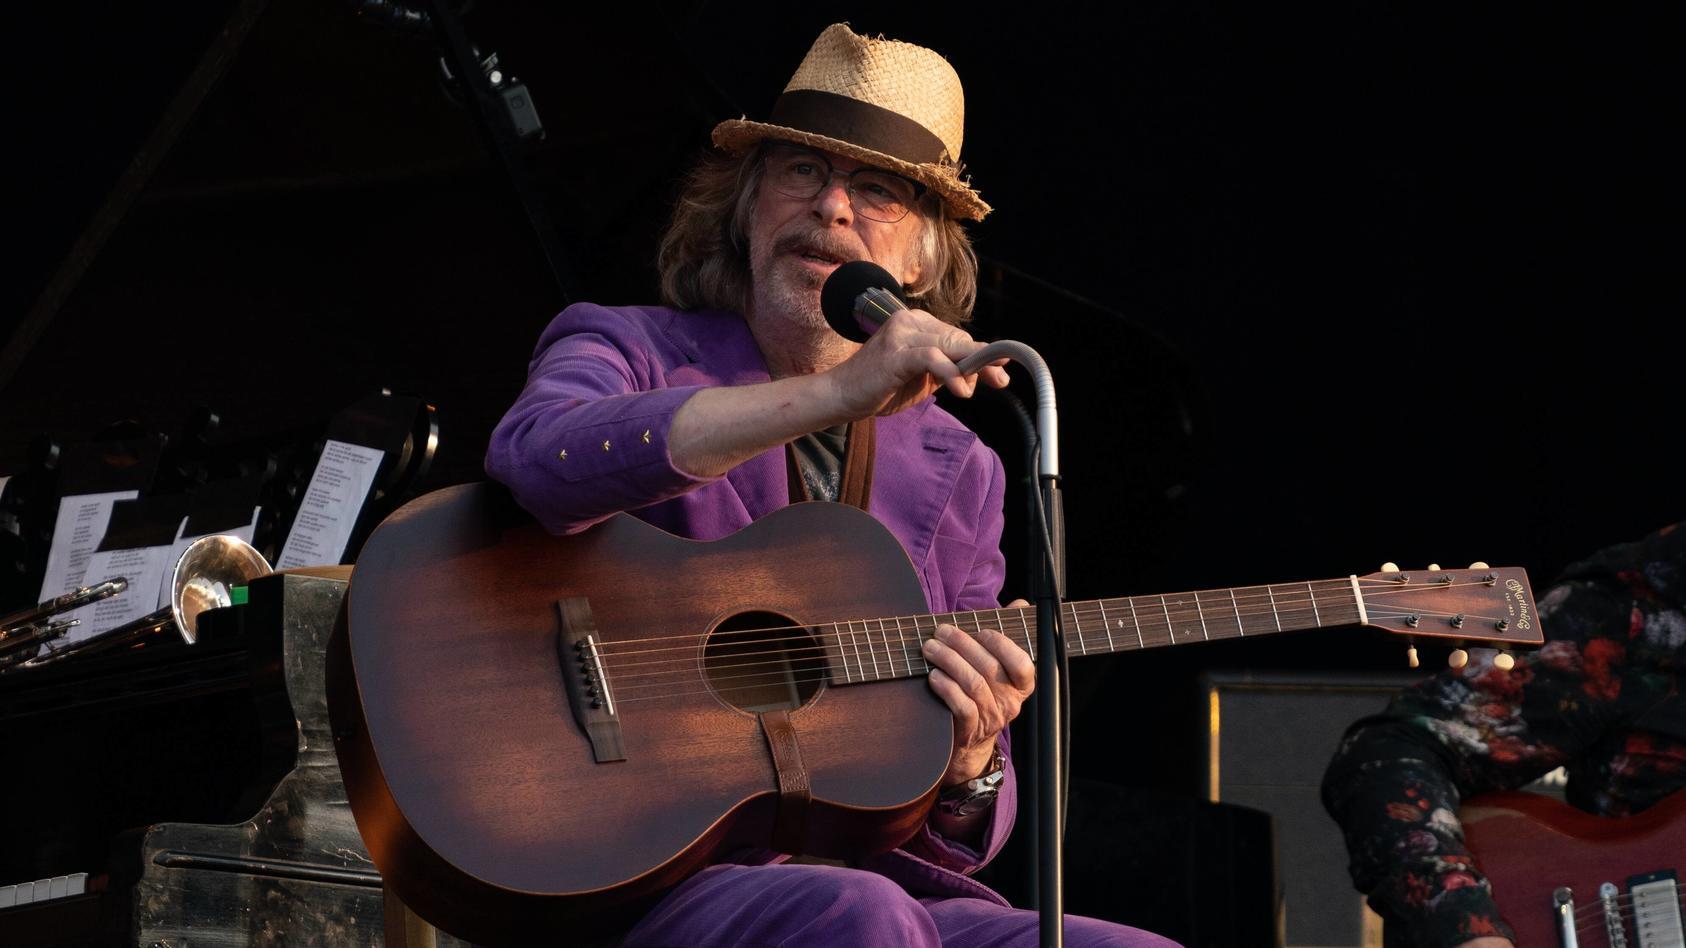 Helge Schneider bei einem Auftritt im Juli 2021.